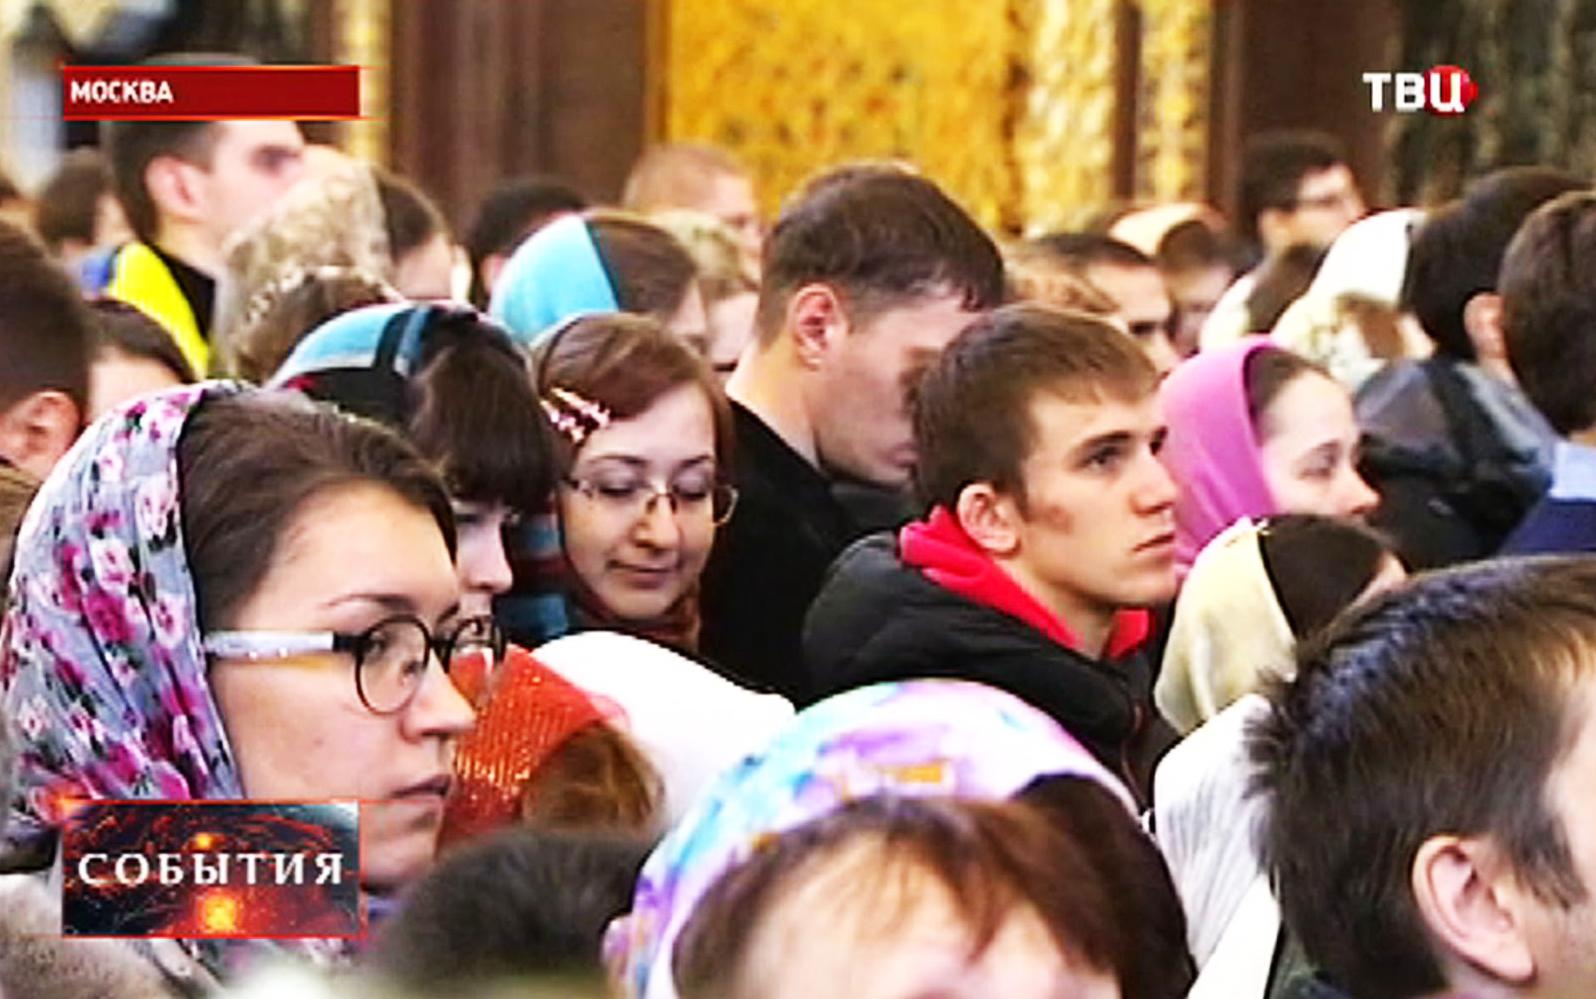 Прихожане во время торжественной литургии в храме Христа Спасителя